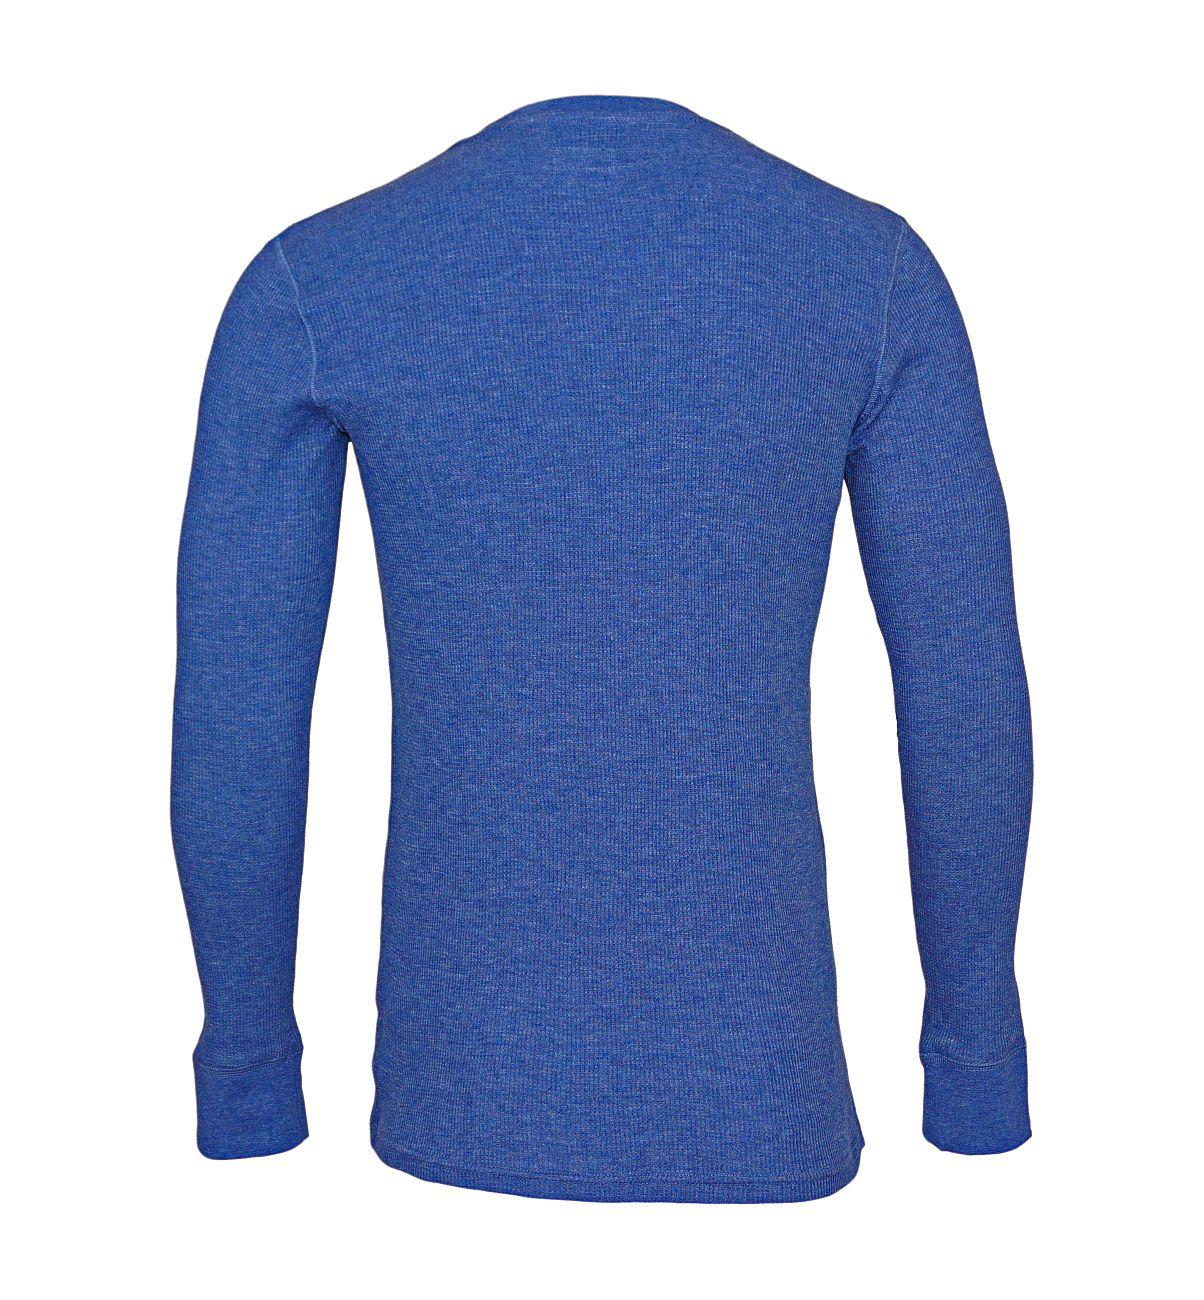 Ralph Lauren Longsleeve Sweater 71470522 8003 Navy HTR SH18-RLS1